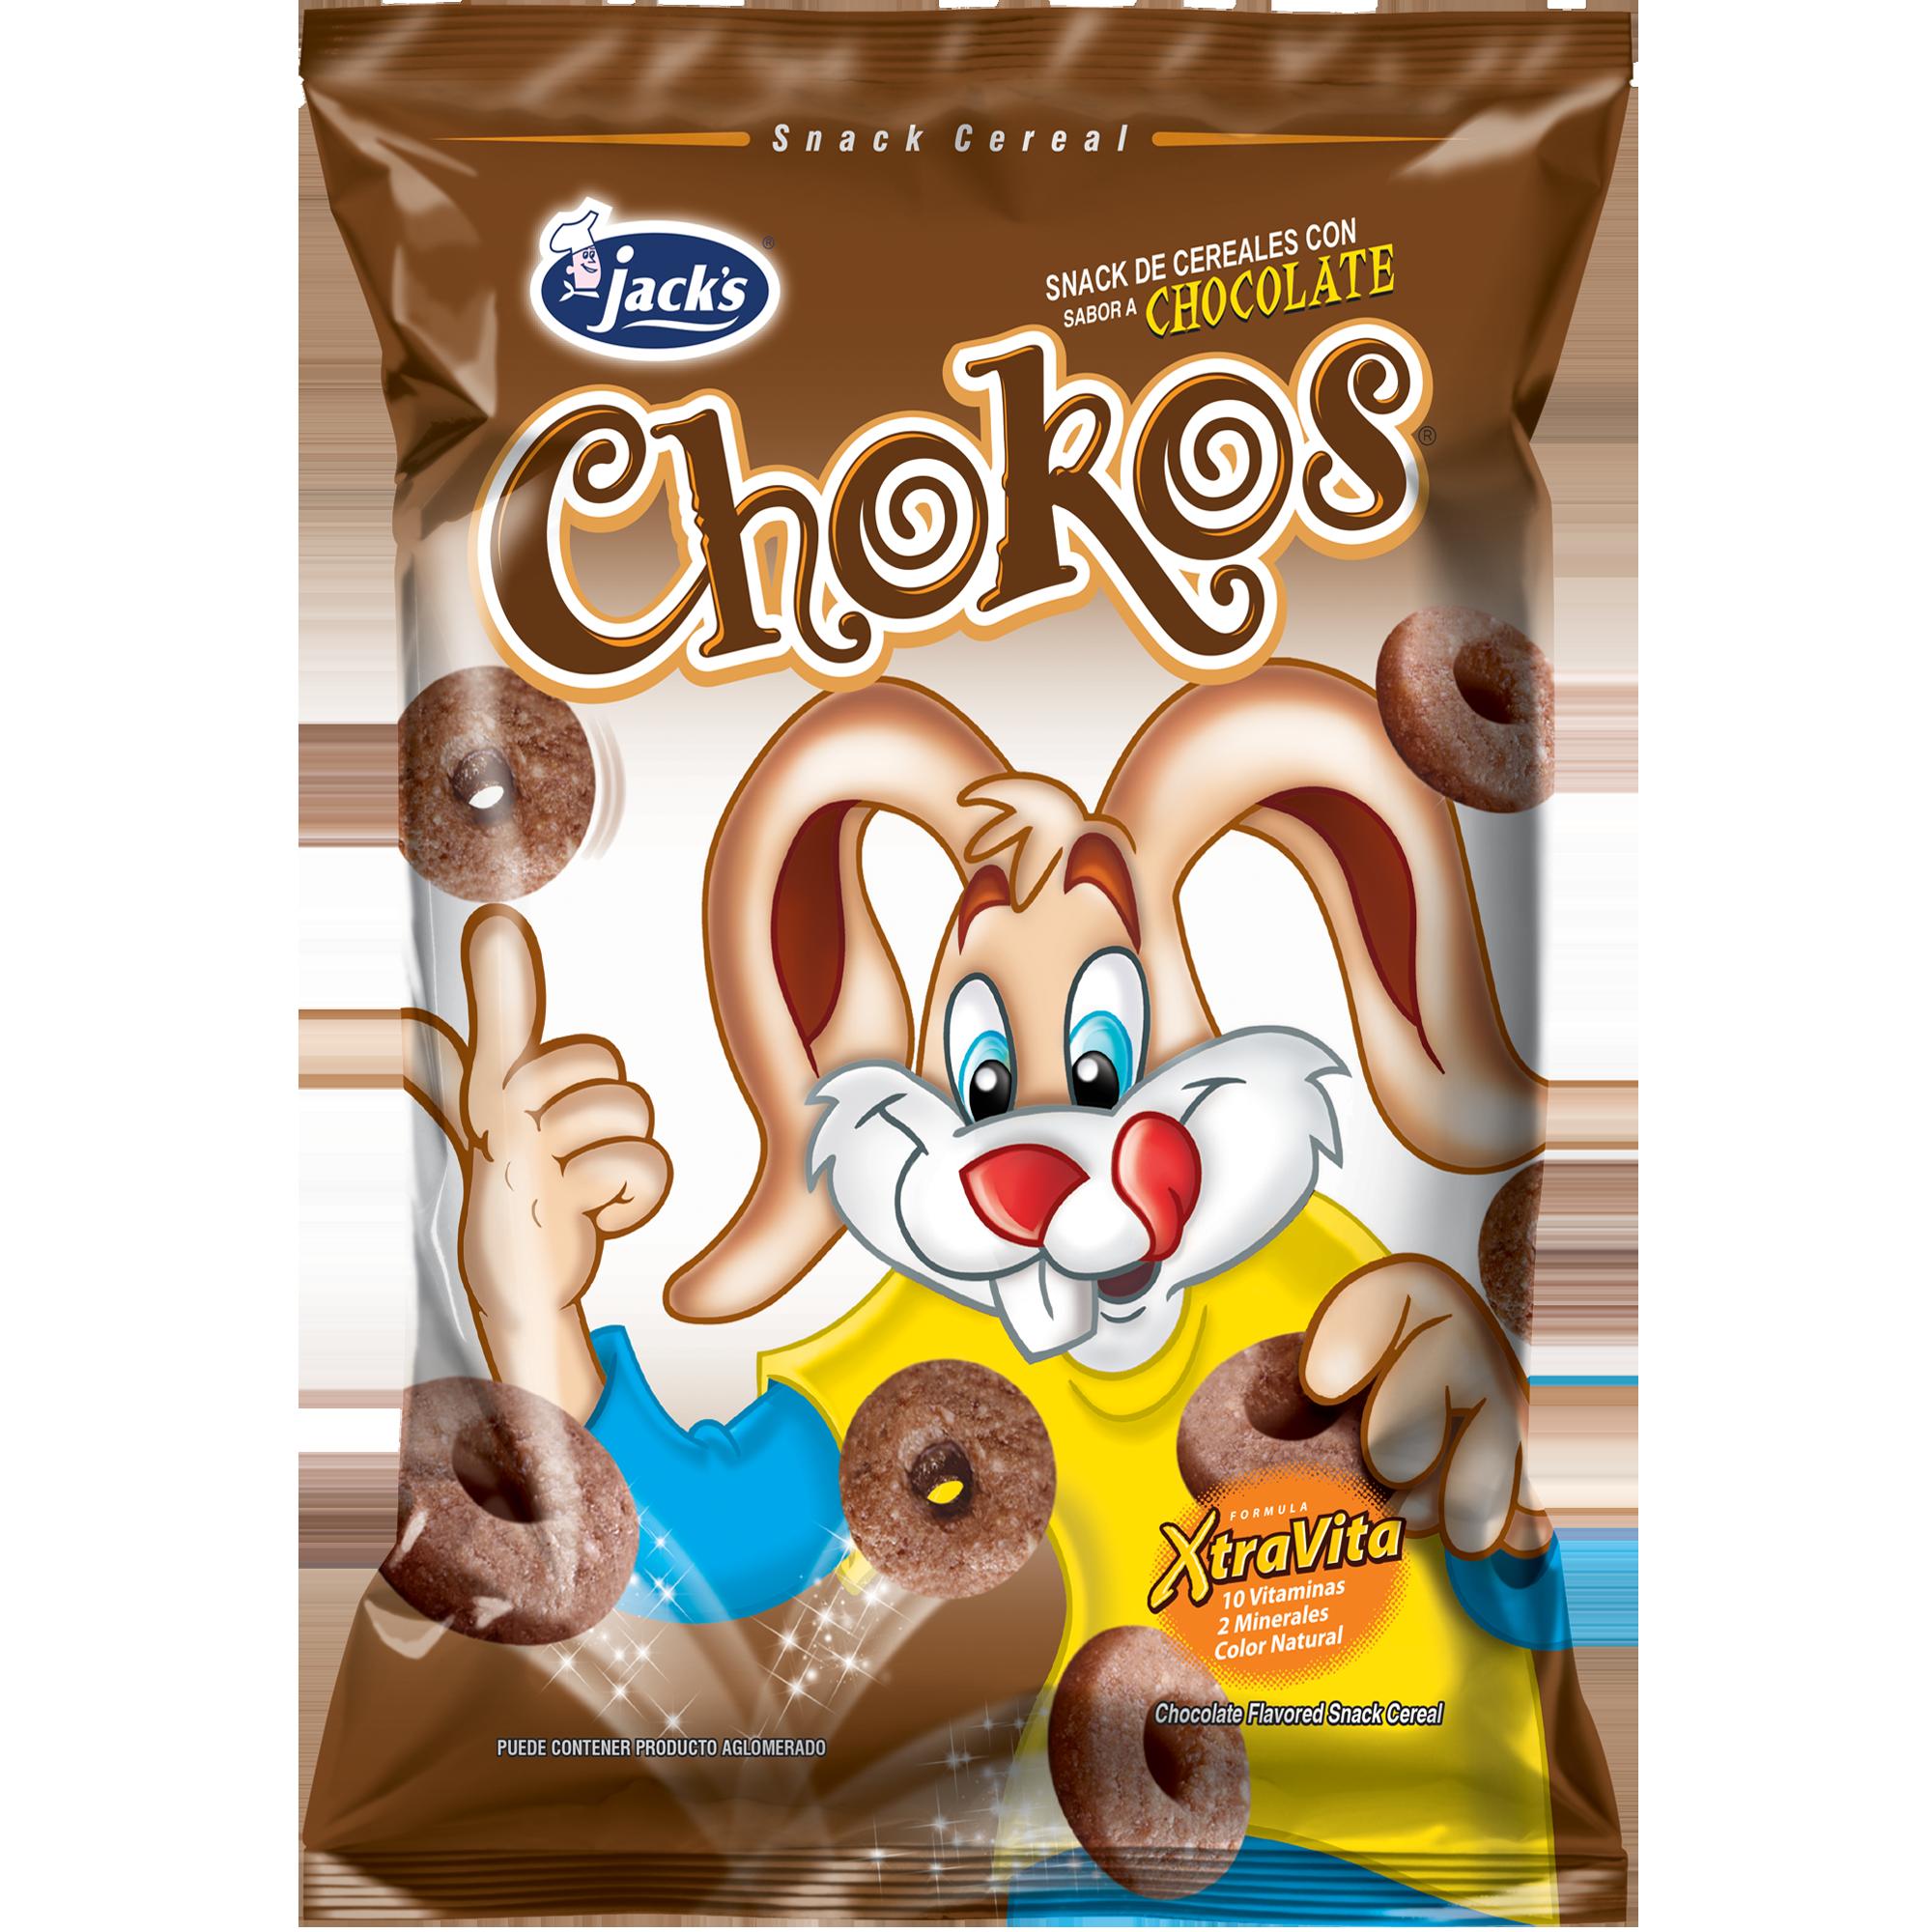 CHOKOS-indiv-pag-web